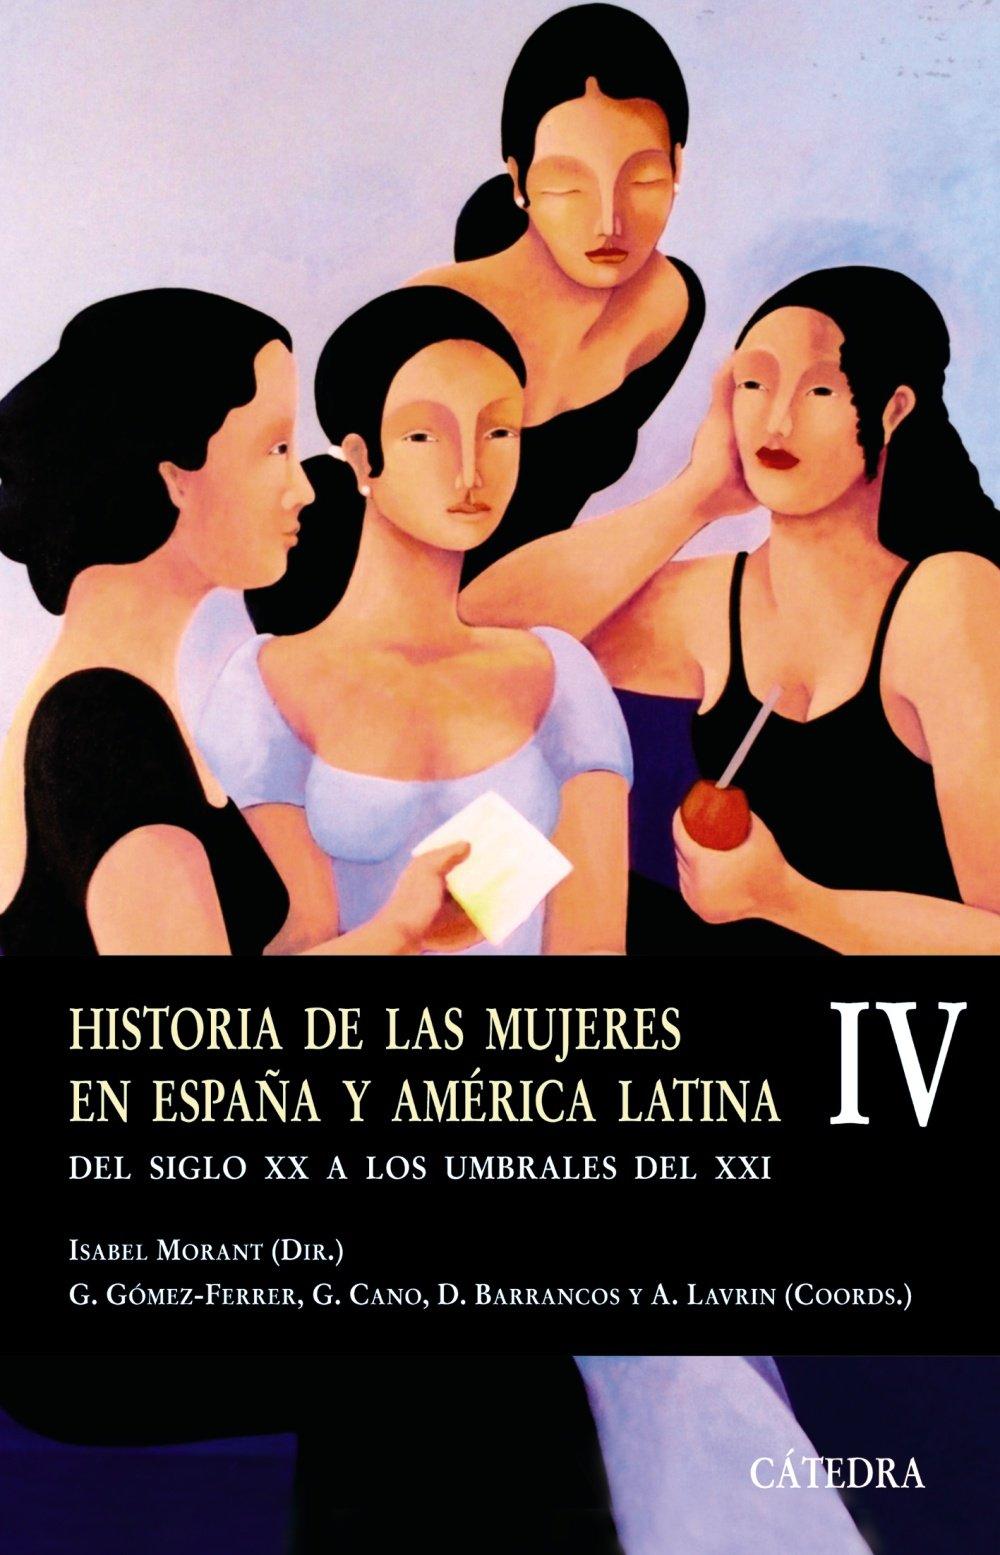 Historia de las mujeres en España y América Latina IV: Del siglo XX a los umbrales del XXI: 4 Historia. Serie menor: Amazon.es: Morant, Isabel: Libros